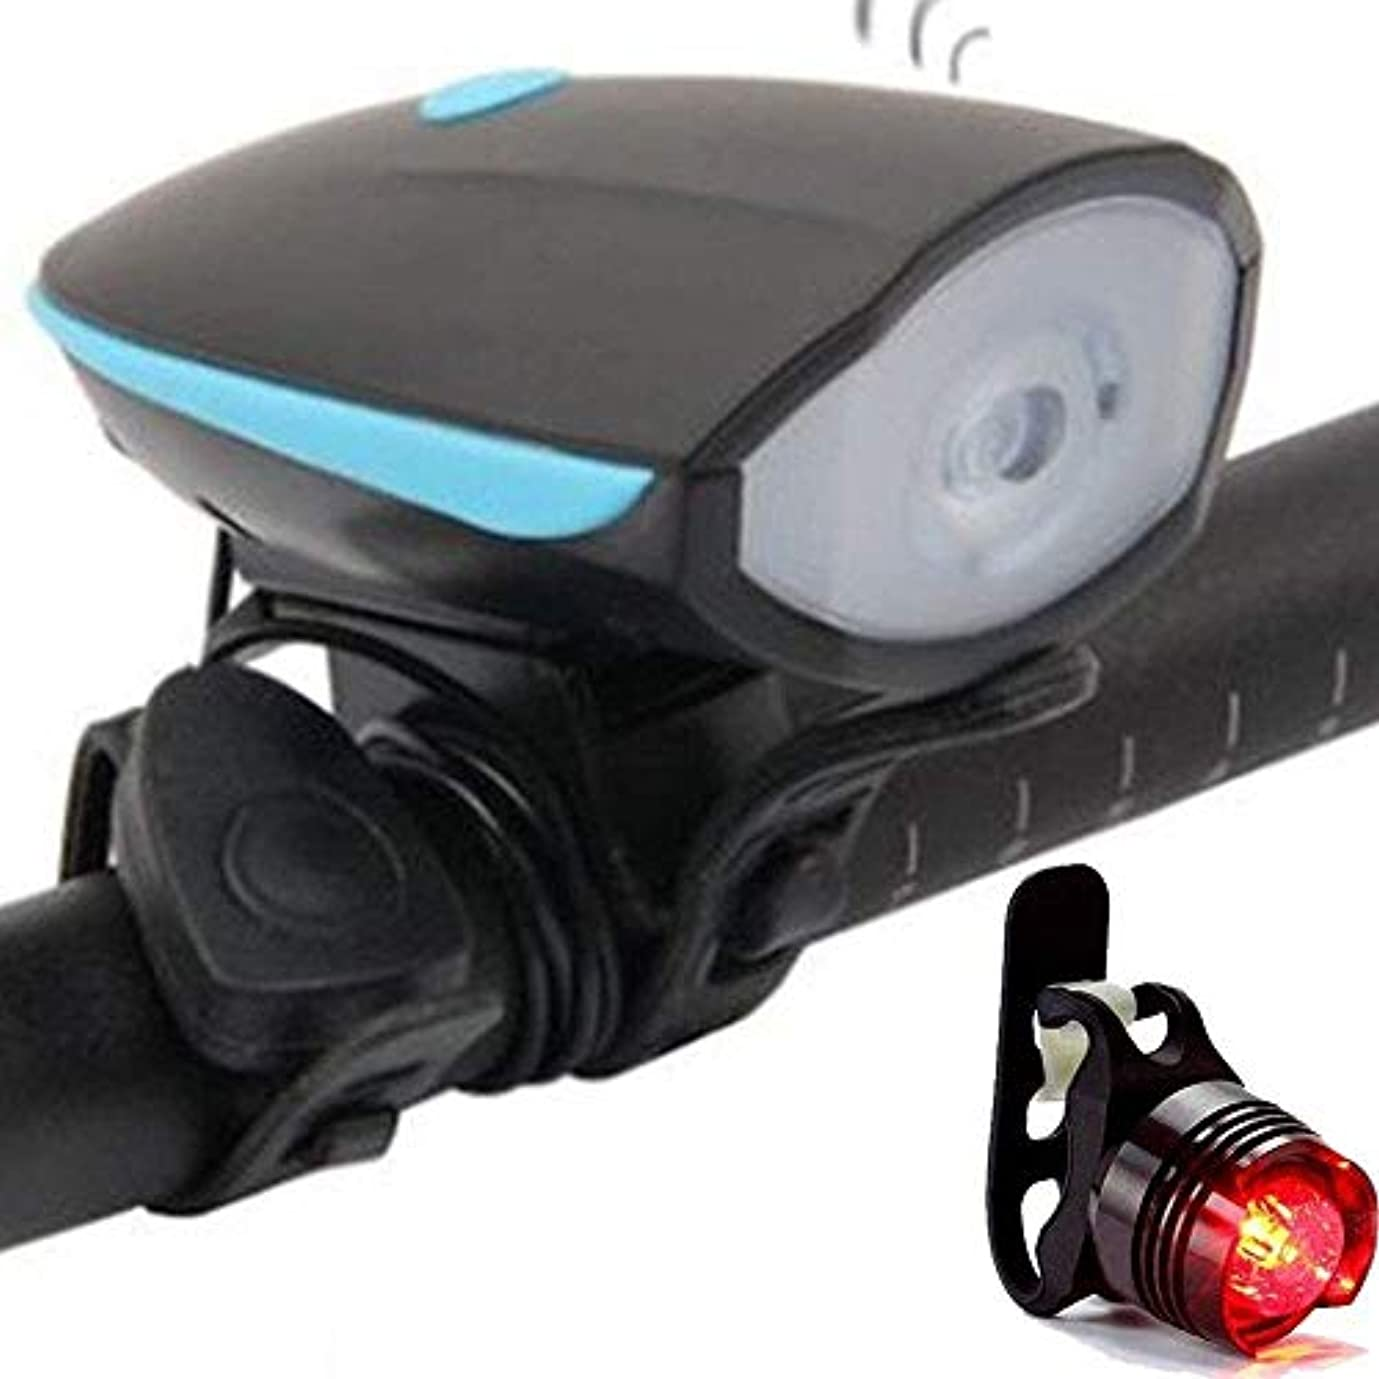 マッサージハイブリッドと組むFJGLHEJG LED自転車ライト前面と背面のセットUSB充電式フロント自転車ライト防水明るい懐中電灯サイクルライトはめあいすべてのマウンテンロード自転車用